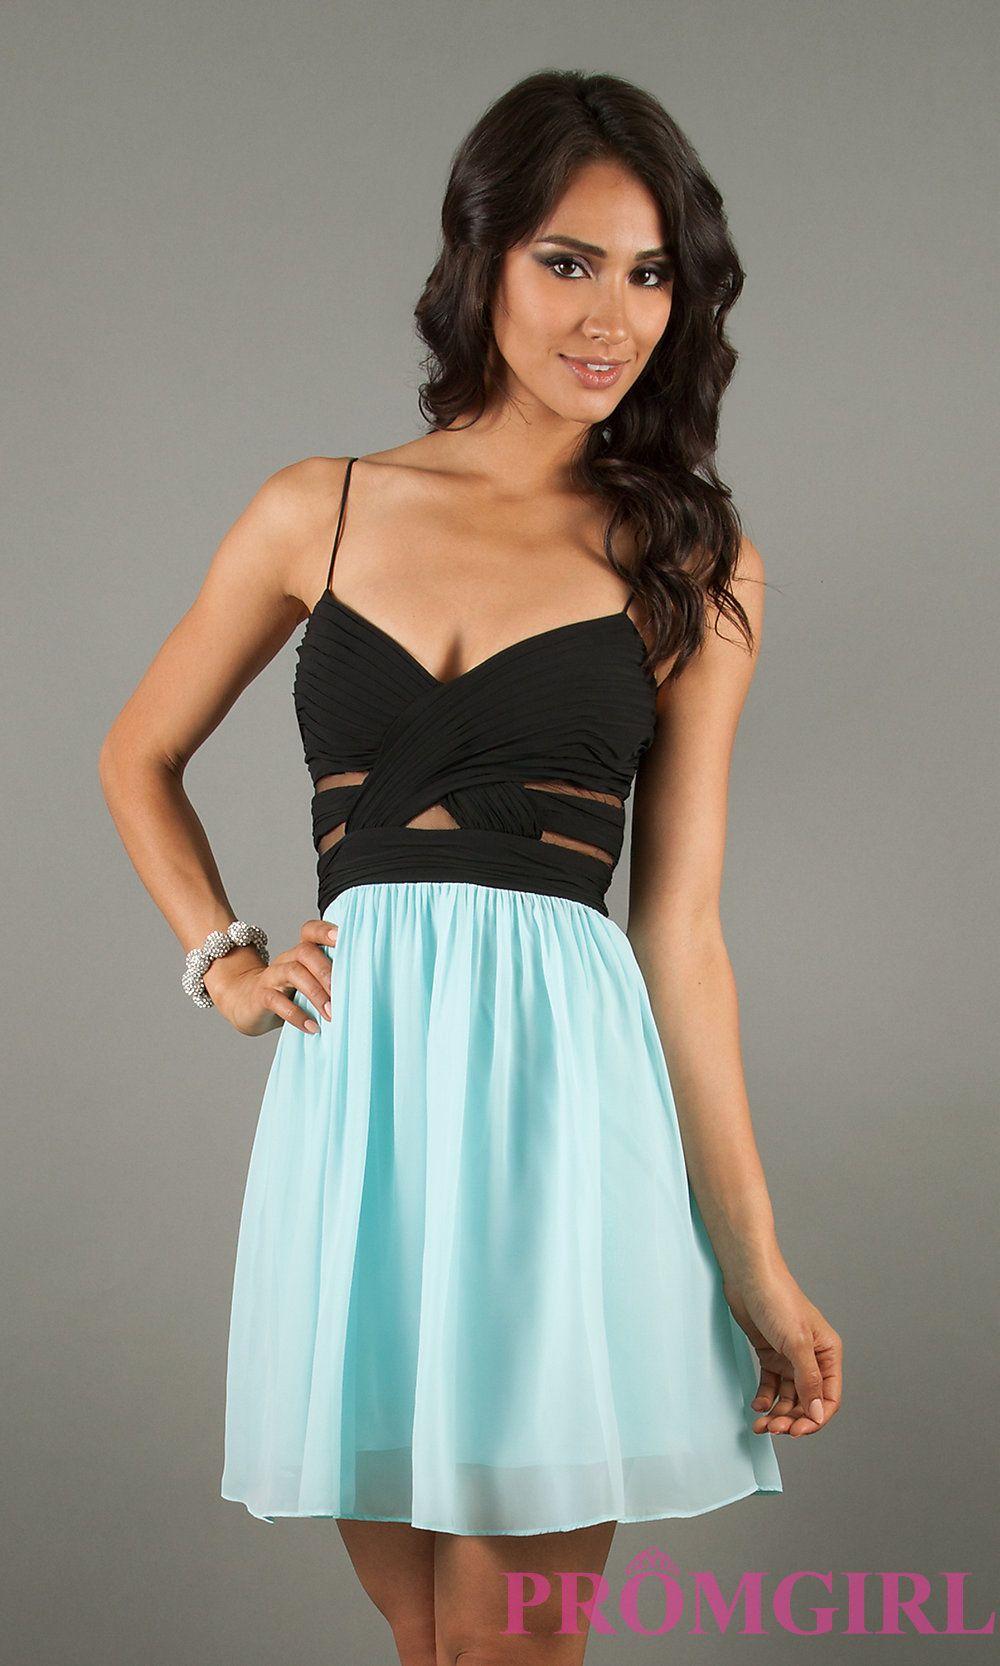 Short Spaghetti Strap Dress, Hailey Logan Short Dresses ...